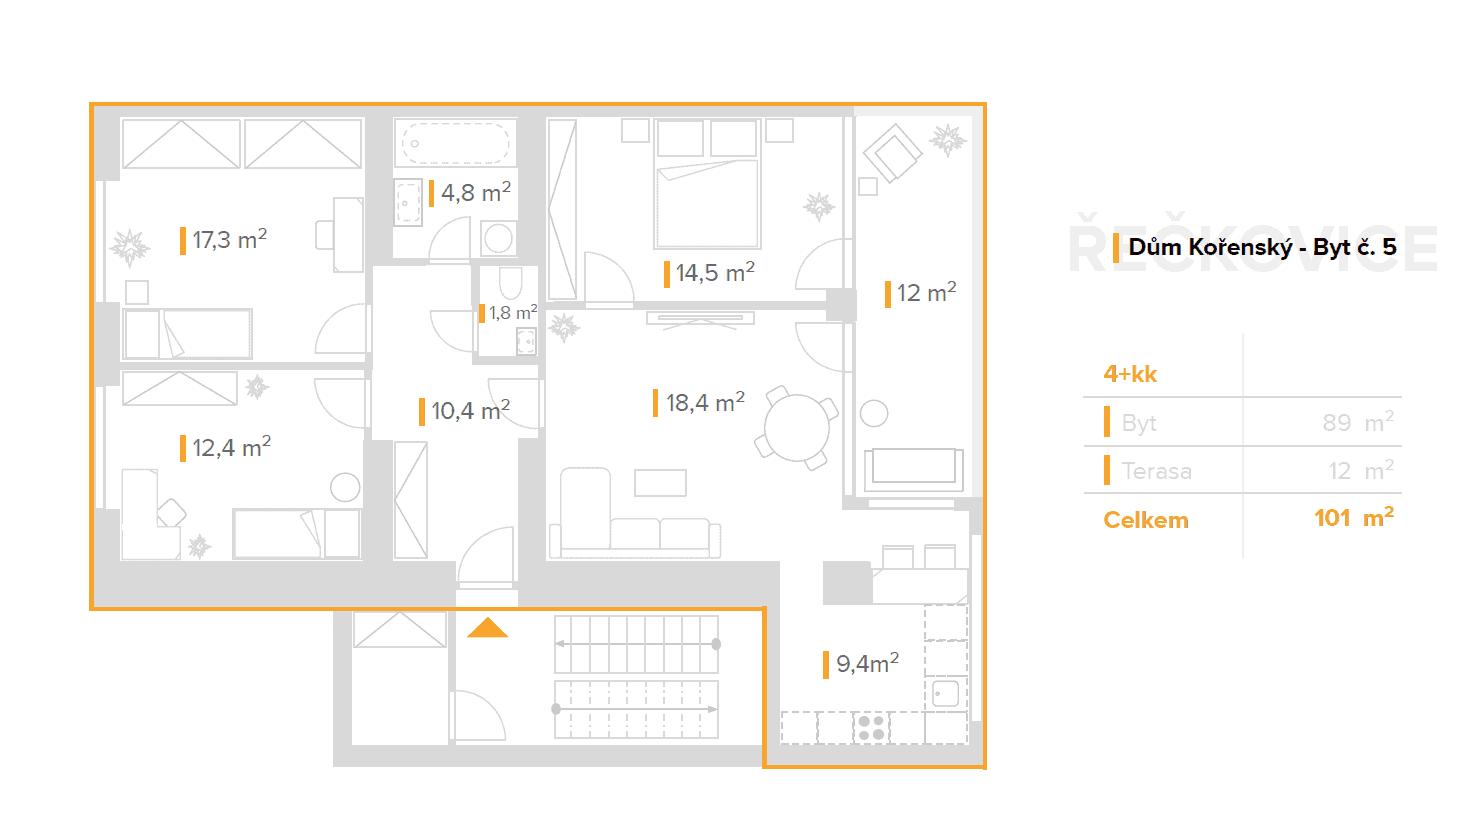 4+kk – Dům Kořenský (5)